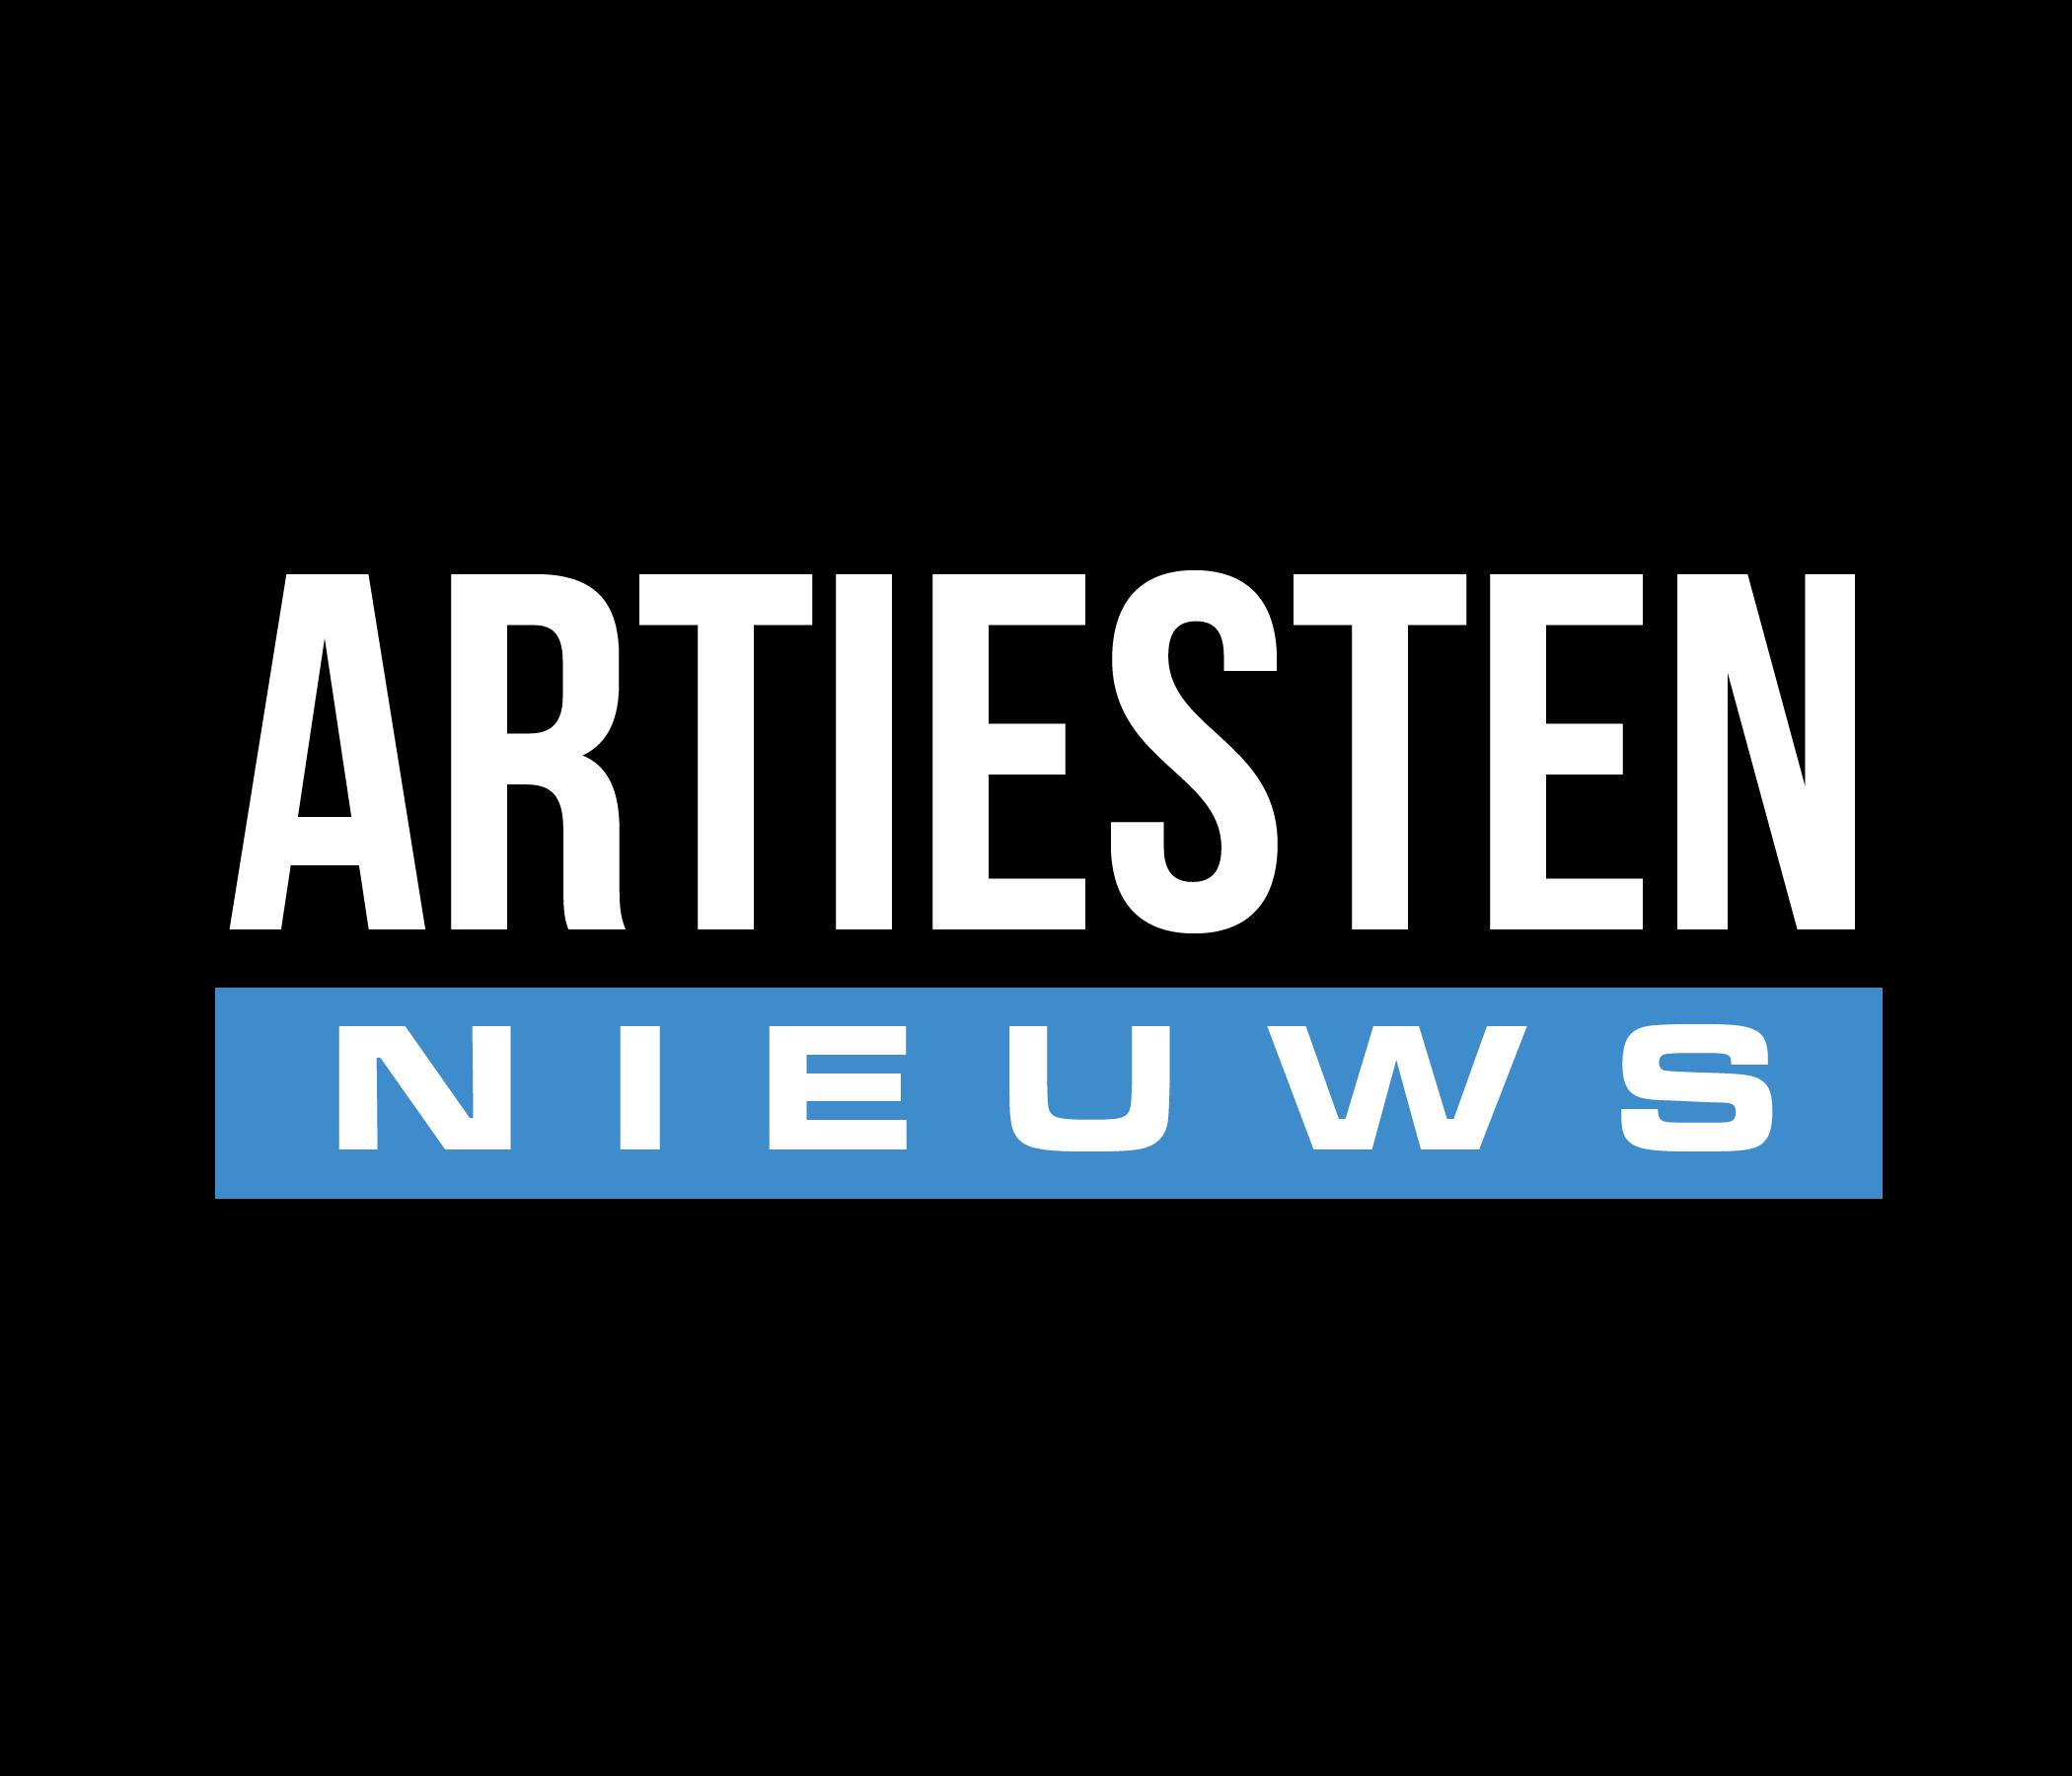 artiesten en bands promoten, Logo Artiesten Nieuws - Zwart Groot (ArtiestenNieuws)